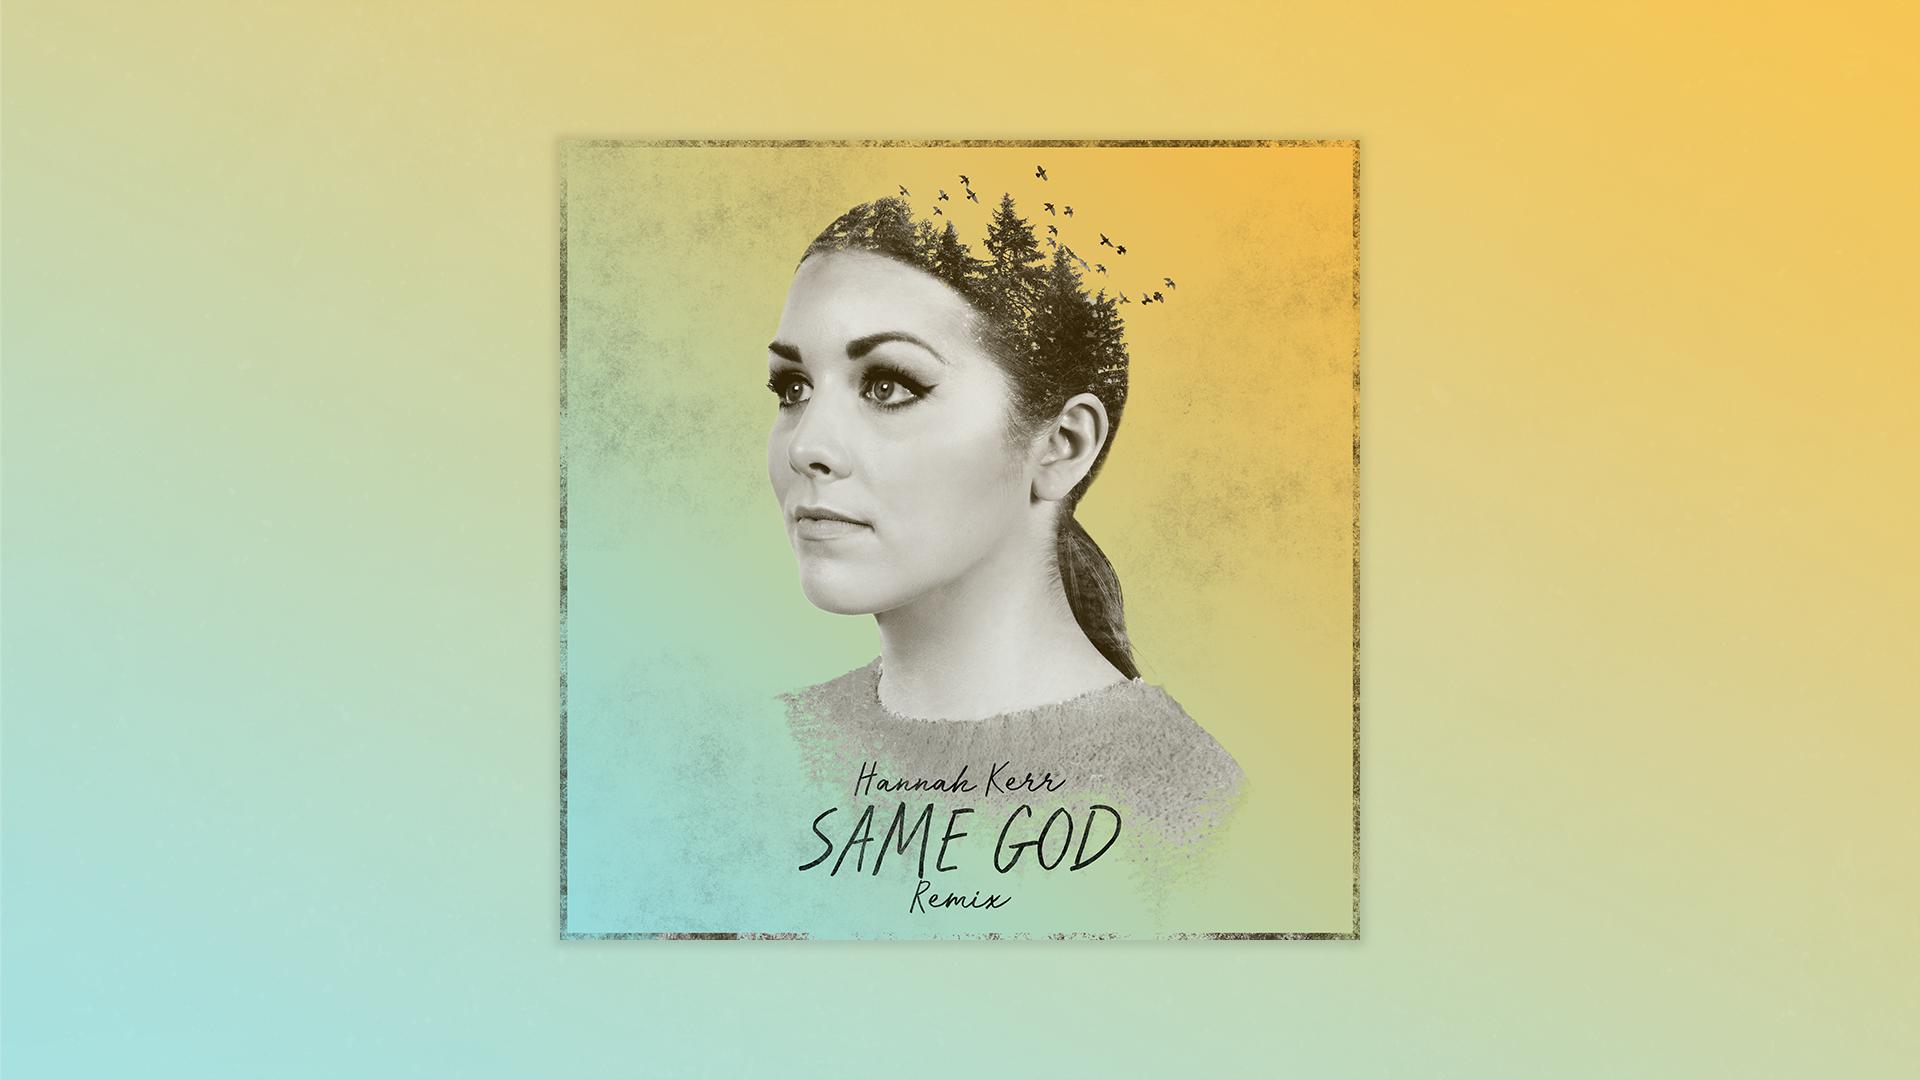 Hannah Kerr New Remix | Same God (Remix)